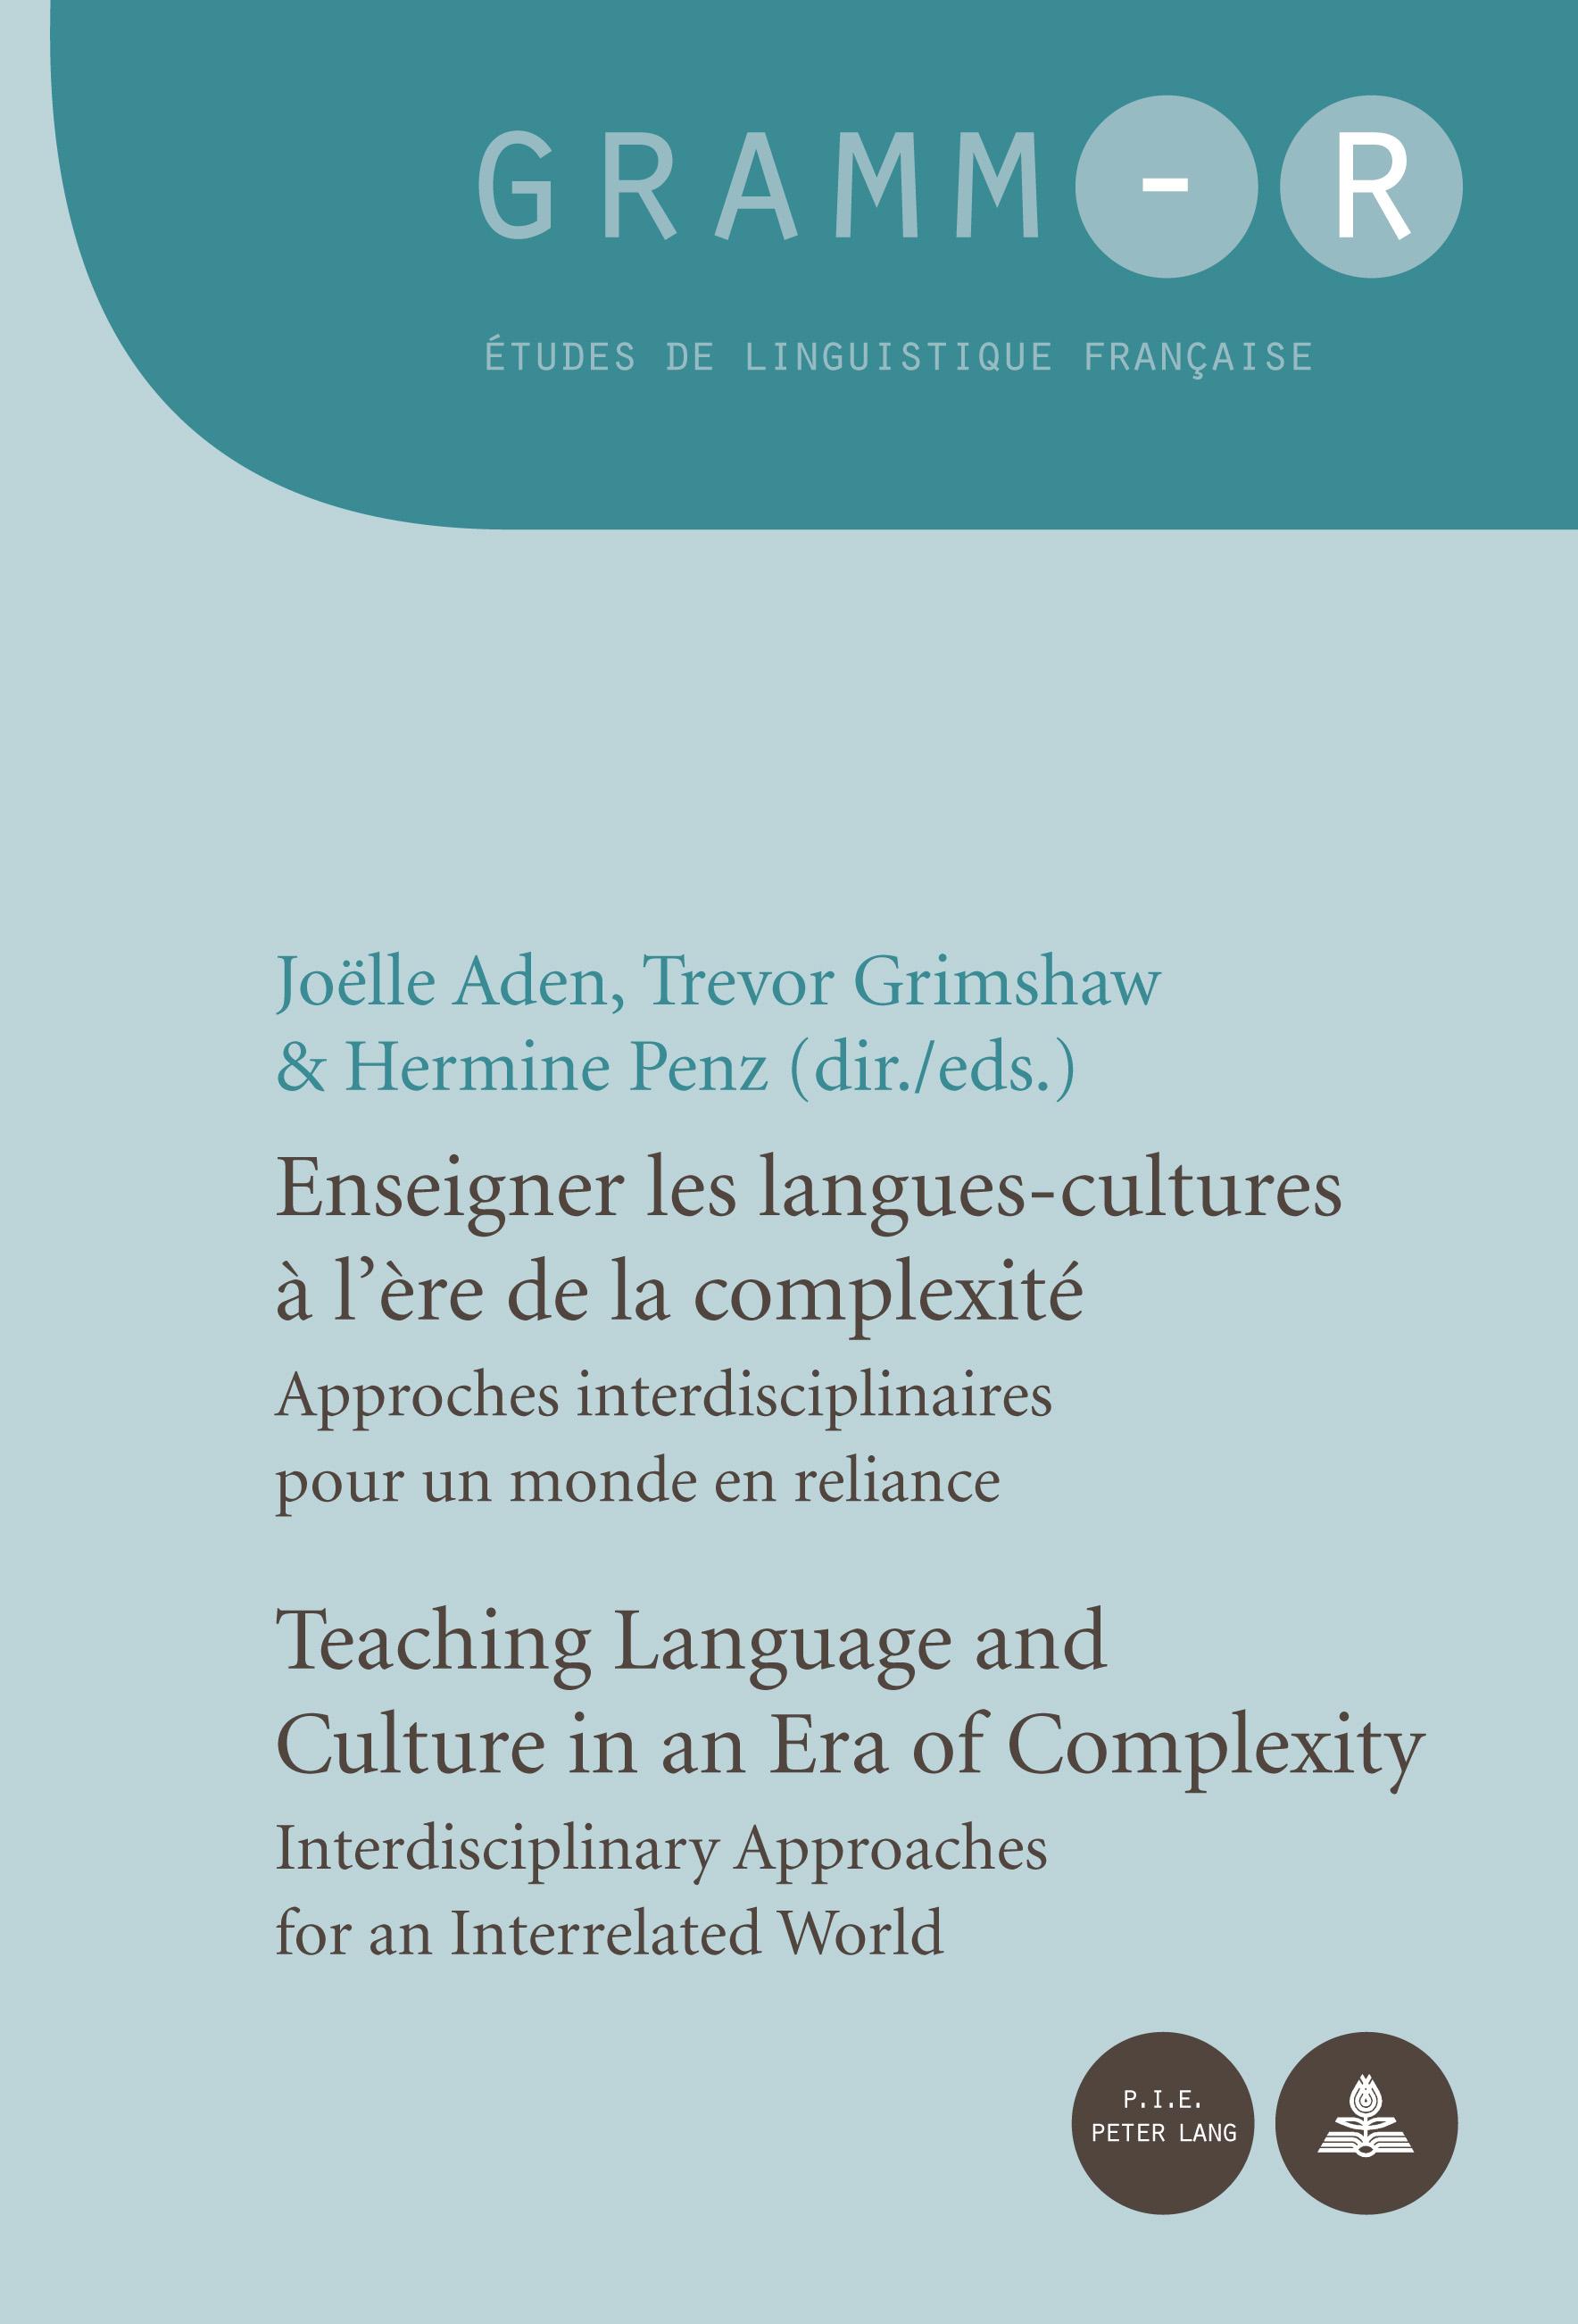 ENSEIGNER LES LANGUES-CULTURES A L'ERE DE LA COMPLEXITE  TEACHING LANGUAGE AND CULTURE IN AN ERA OF